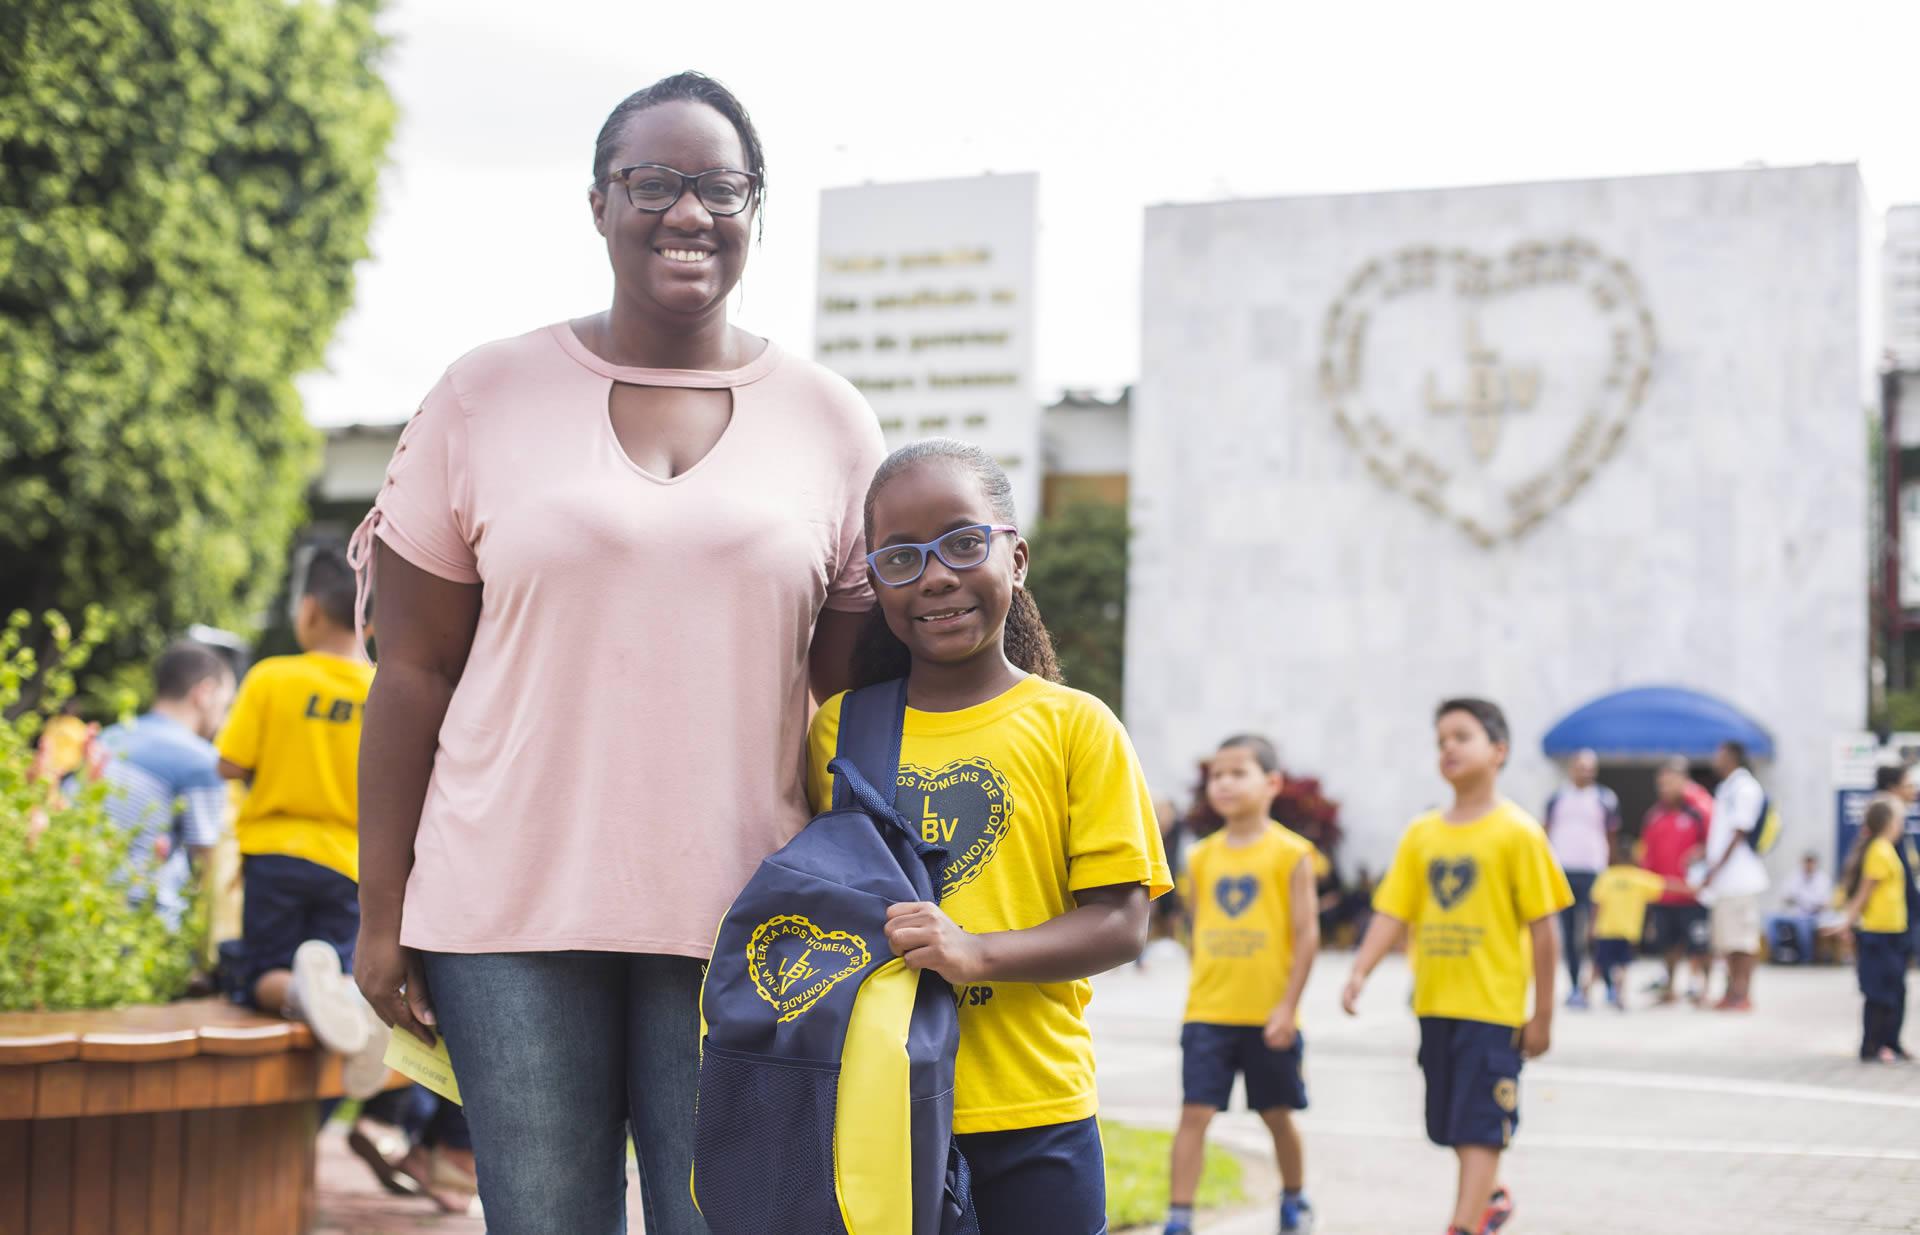 São Paulo, SP — Por intermédio dessa iniciativa, a LBV beneficia com kits de material pedagógico e conjuntos completos de uniformes crianças, adolescentes e jovens de famílias de baixa renda em todo o Brasil.